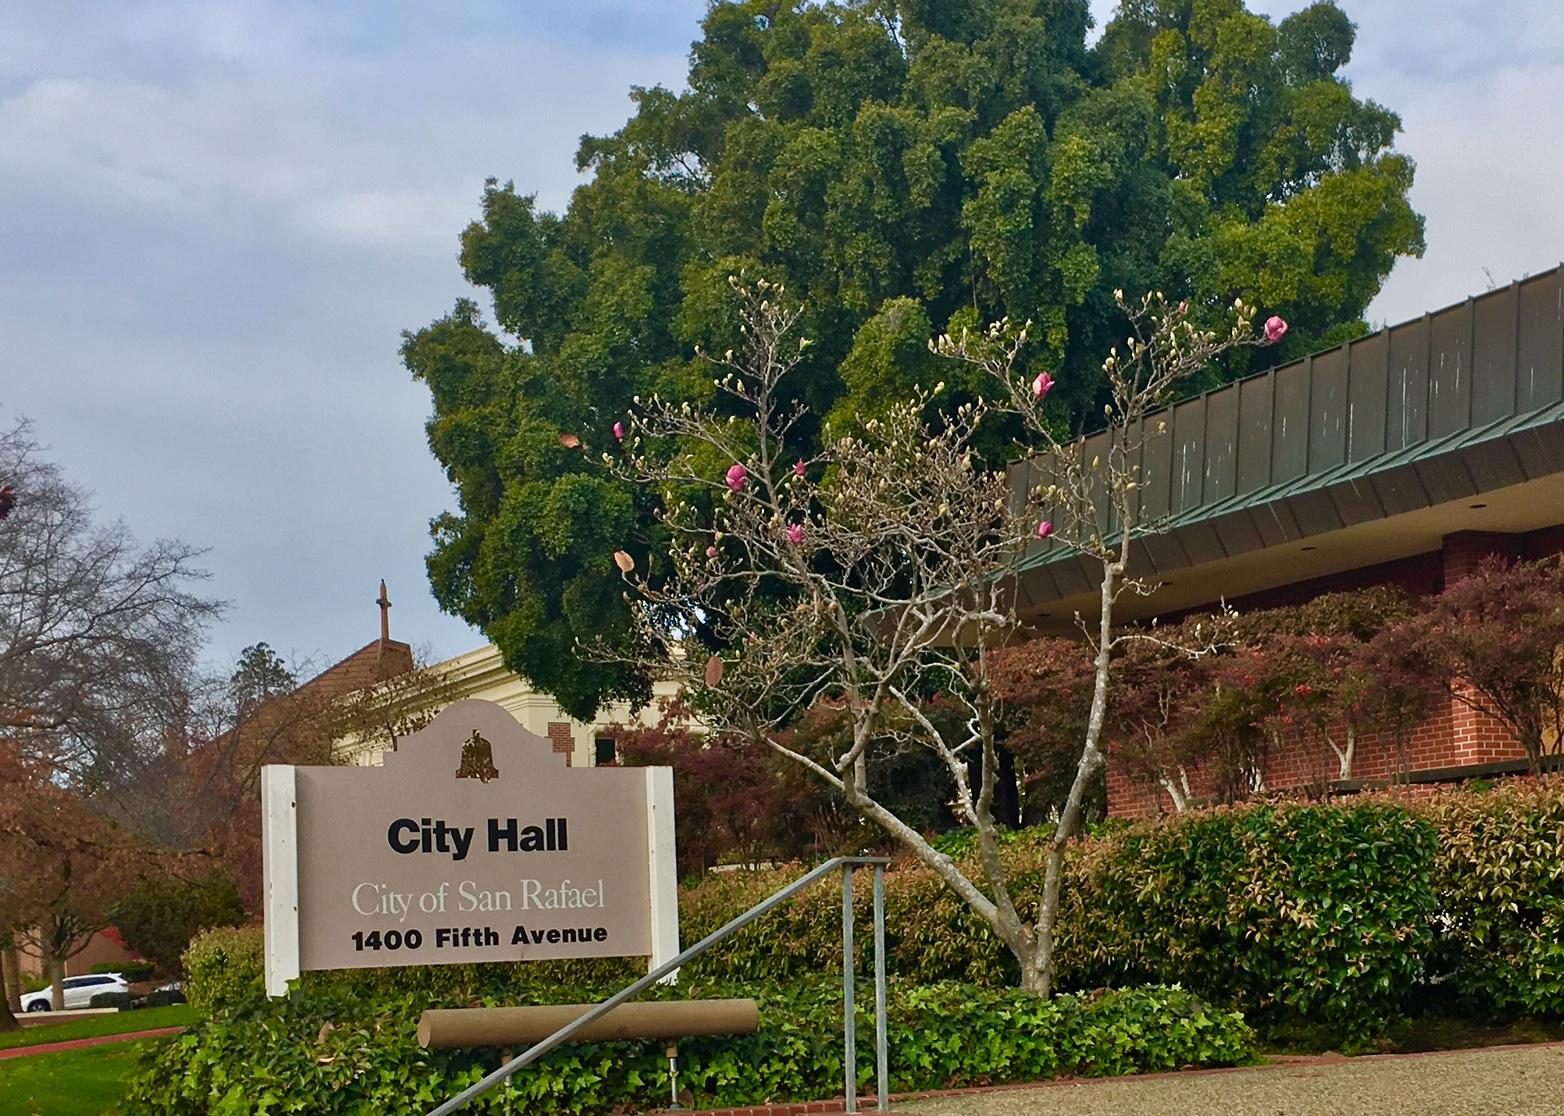 San Rafael City Hall